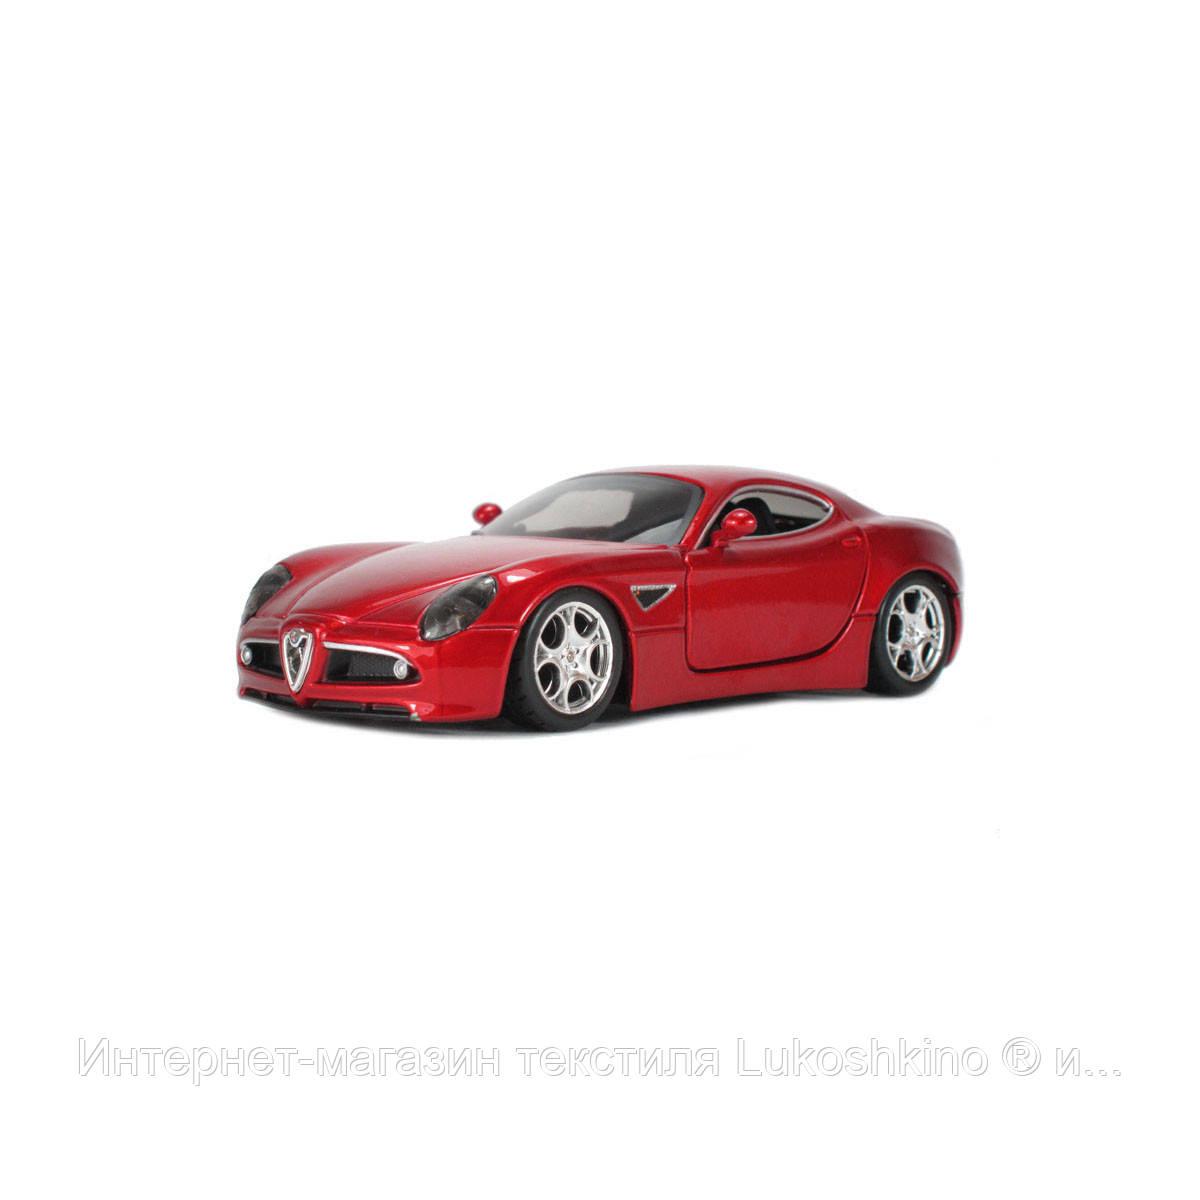 Автомодель - ALFA 8C COMPETIZIONE (2007) (красный металлик, 1:32)